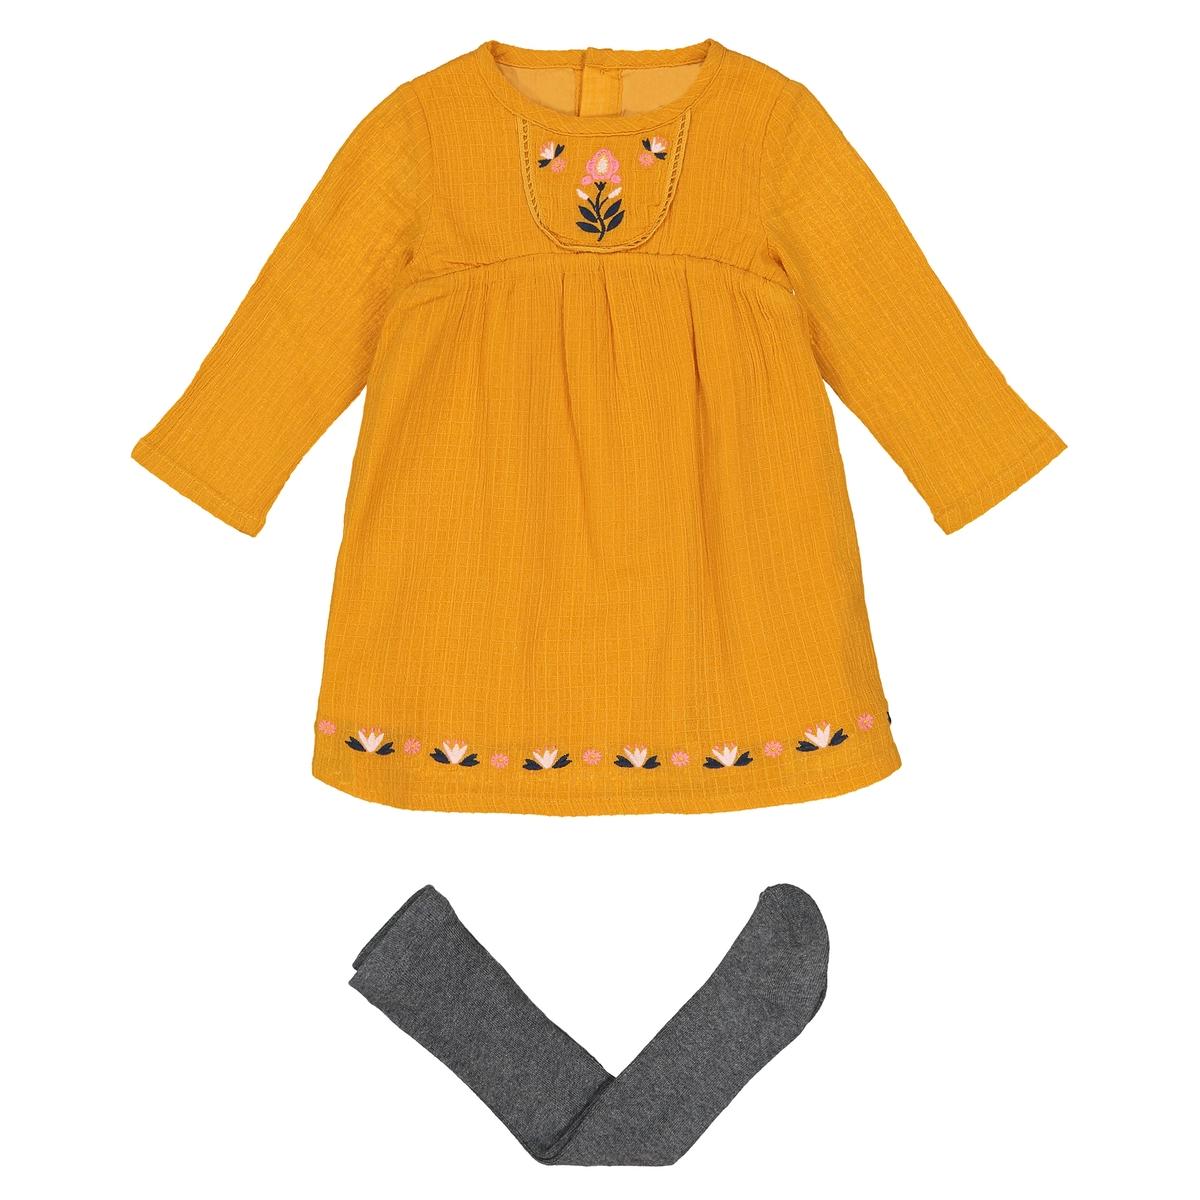 Комплект из 2 предметов платье и колготки 1 мес - 3 года